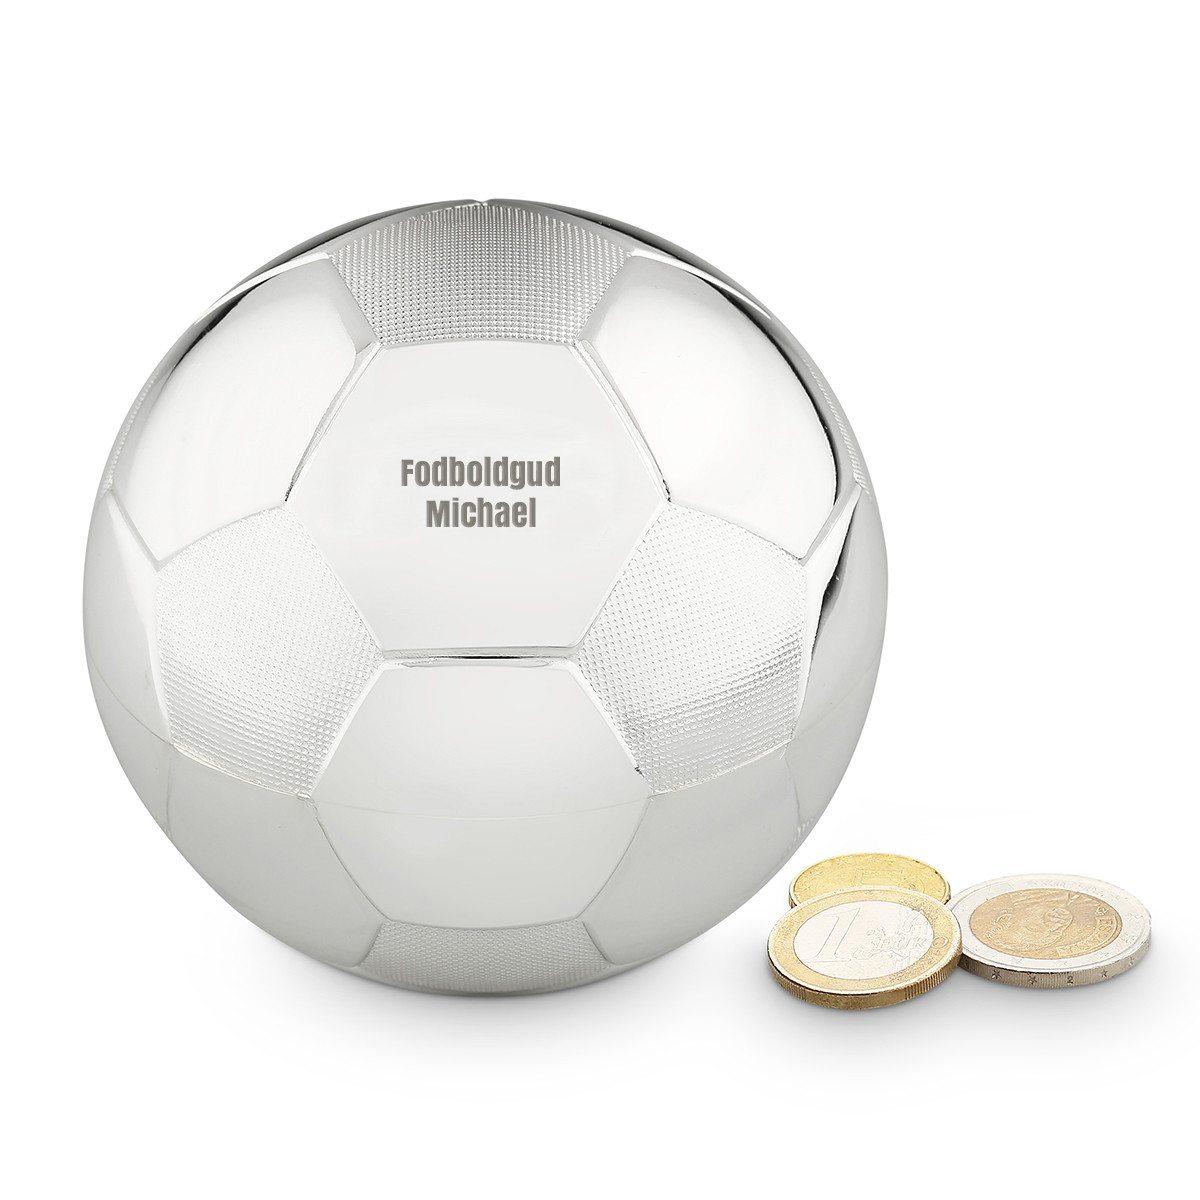 Fodboldformet sparekrukke med indgravering